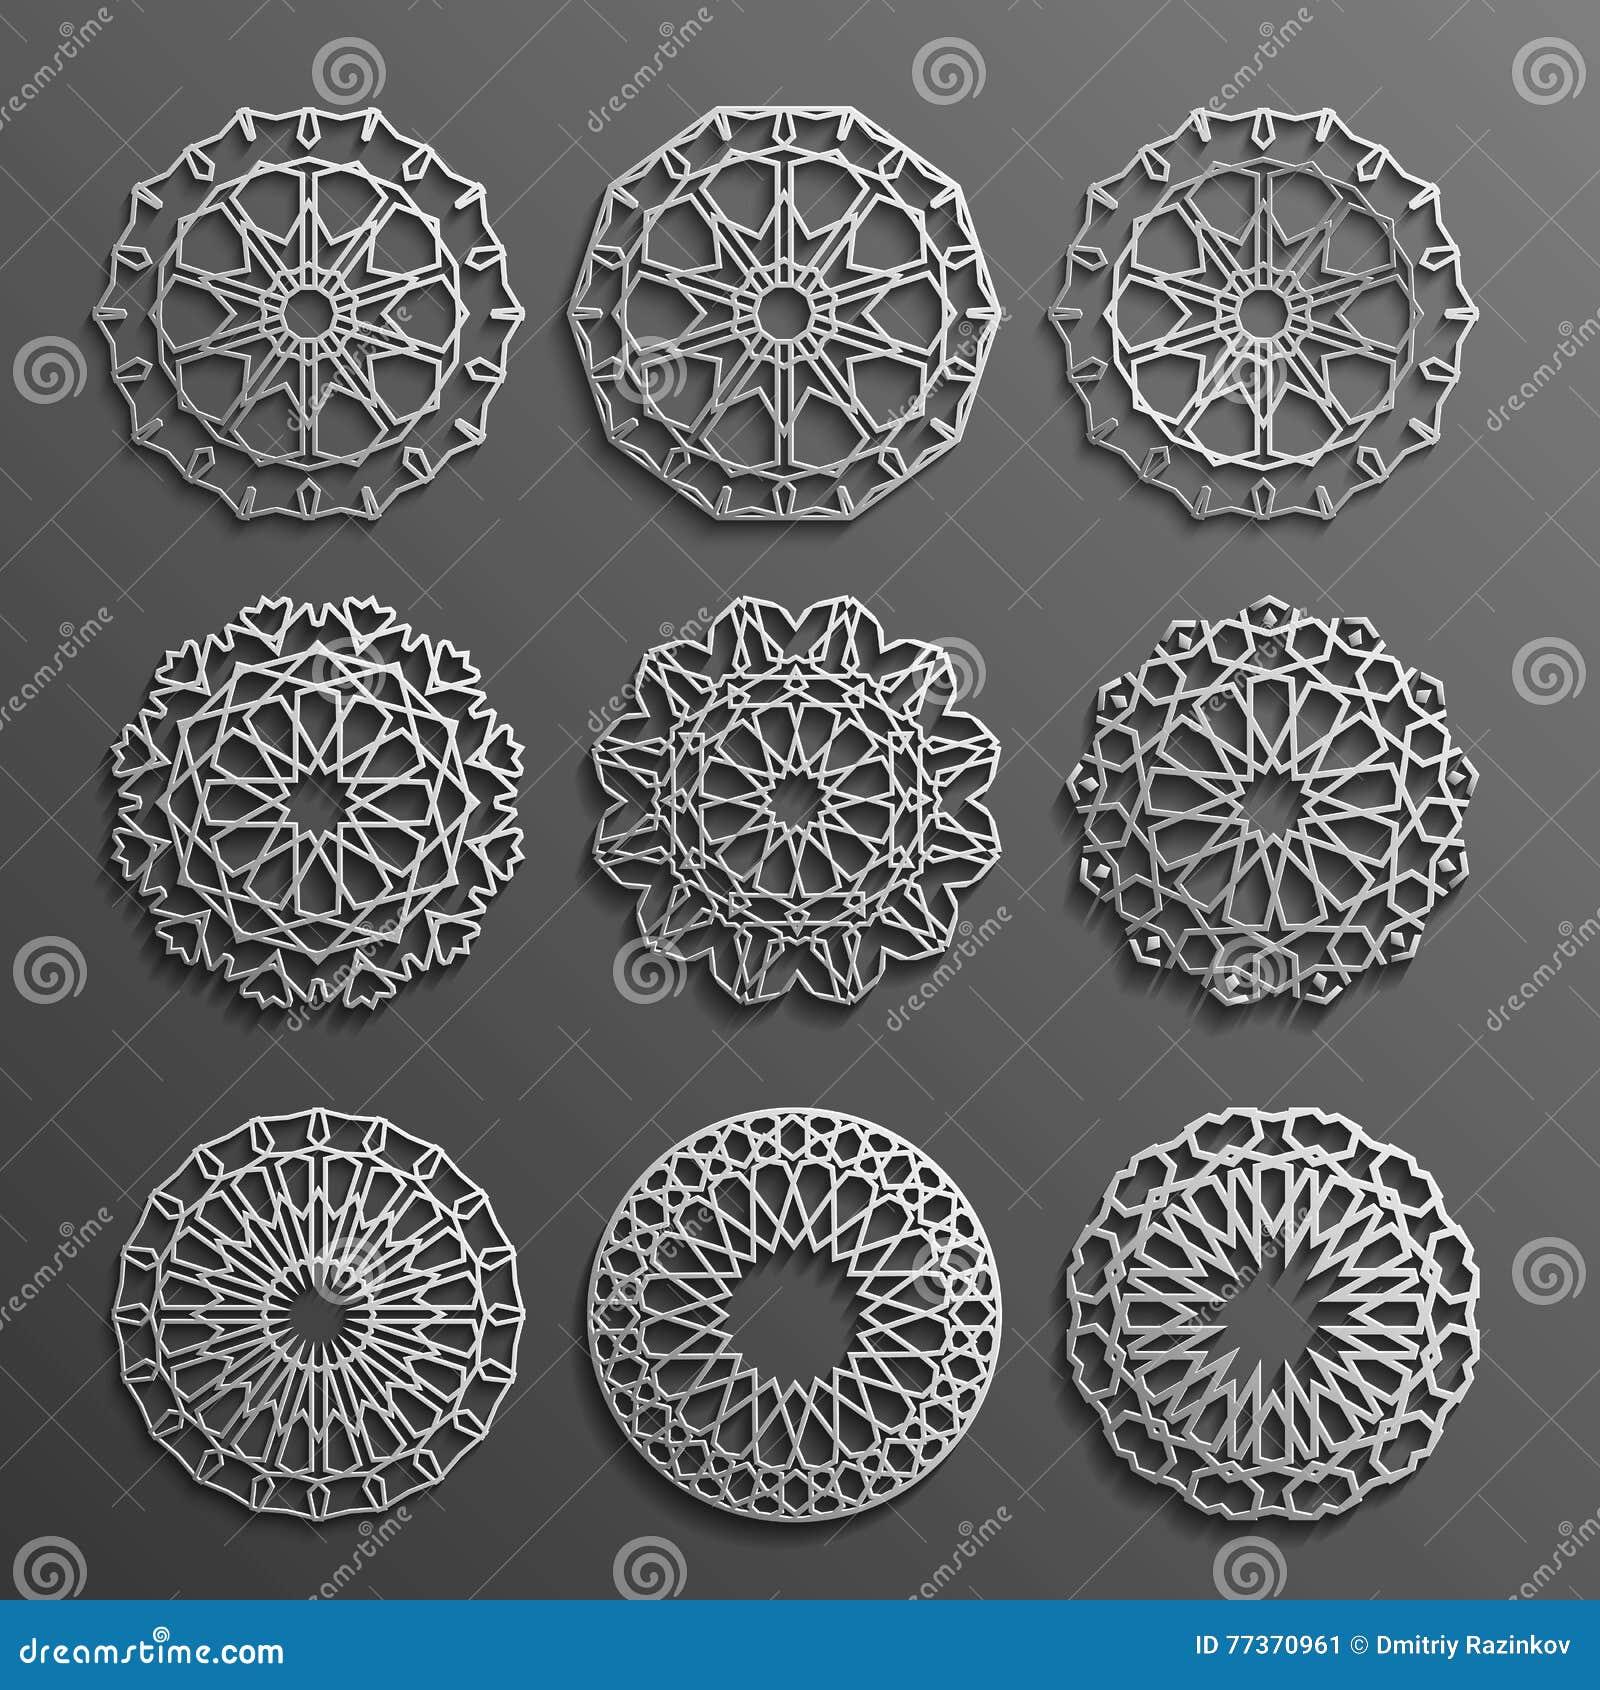 Islamic ornament vector , persian motiff . 3d ramadan round pattern elements . Geometric logo template set. Circular